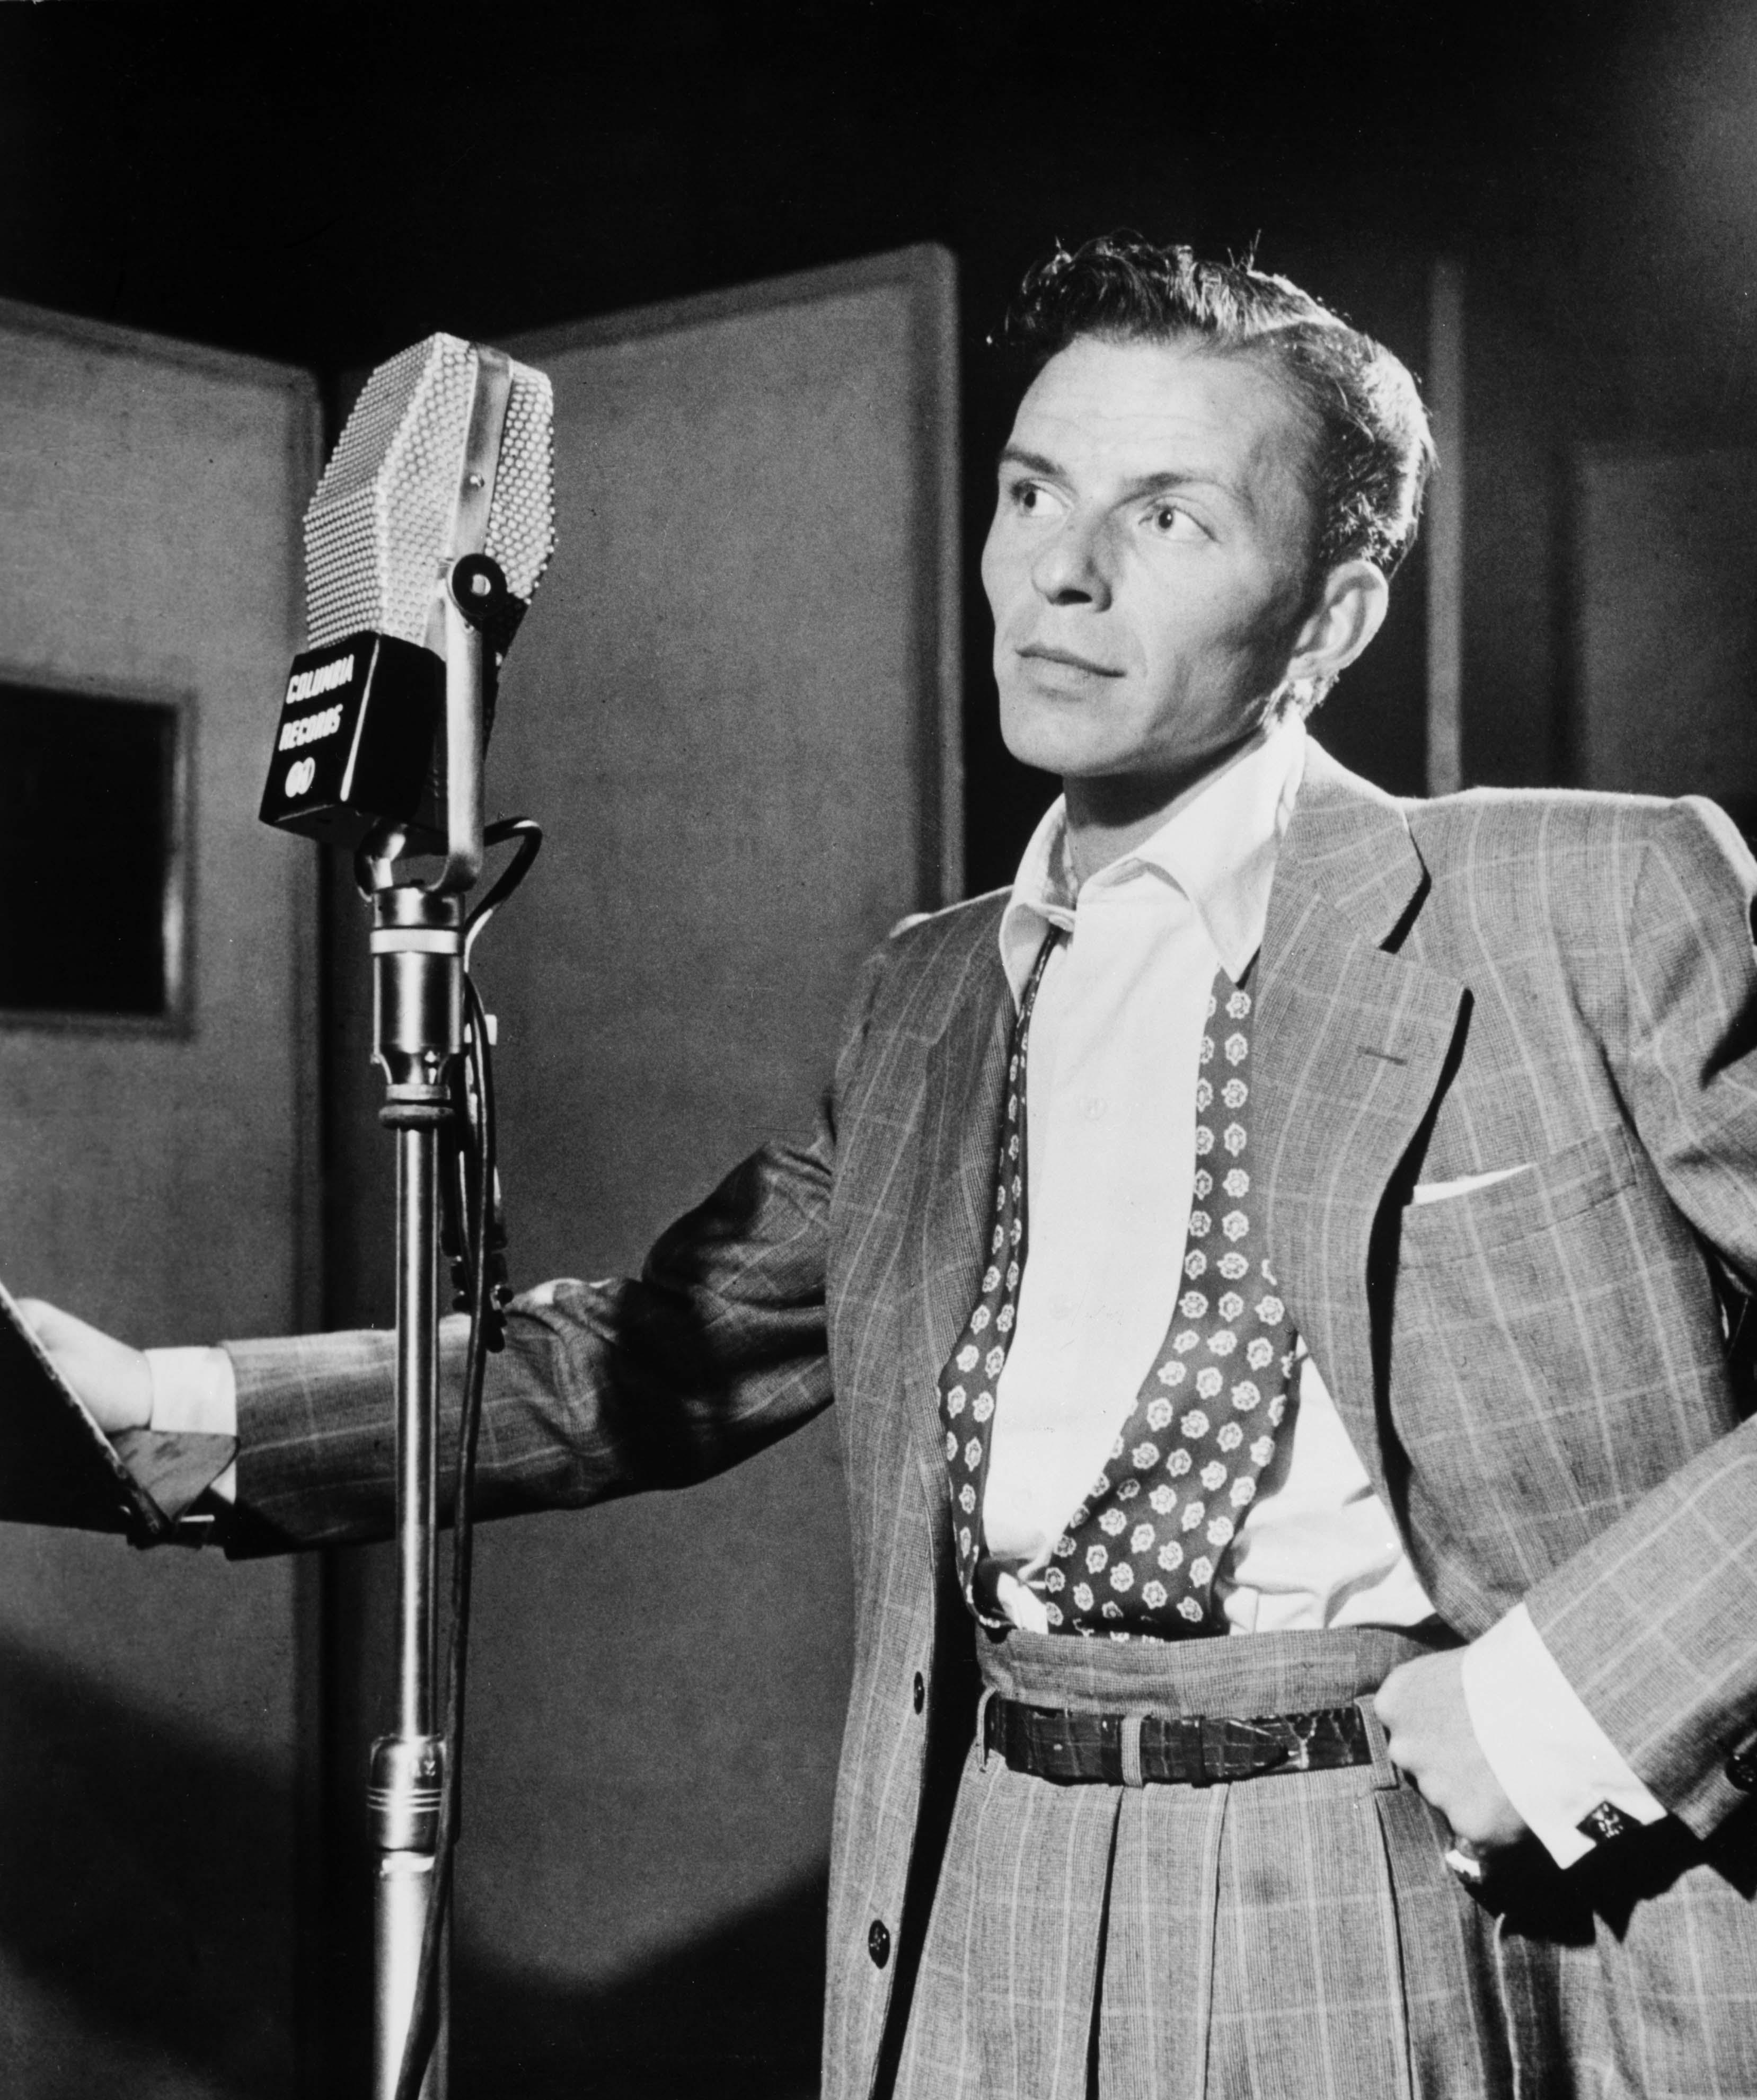 無料画像 黒と白 星 歌手 ポートレート アーティスト ファッション マイクロ ミュージシャン スイング アメリカ人 紳士 歌う 壁紙 額縁 有名な 1947 ギタリスト エンターテインメント 有名人 俳優 モノクロ写真 ヴィンテージ写真 ジャズ音楽の